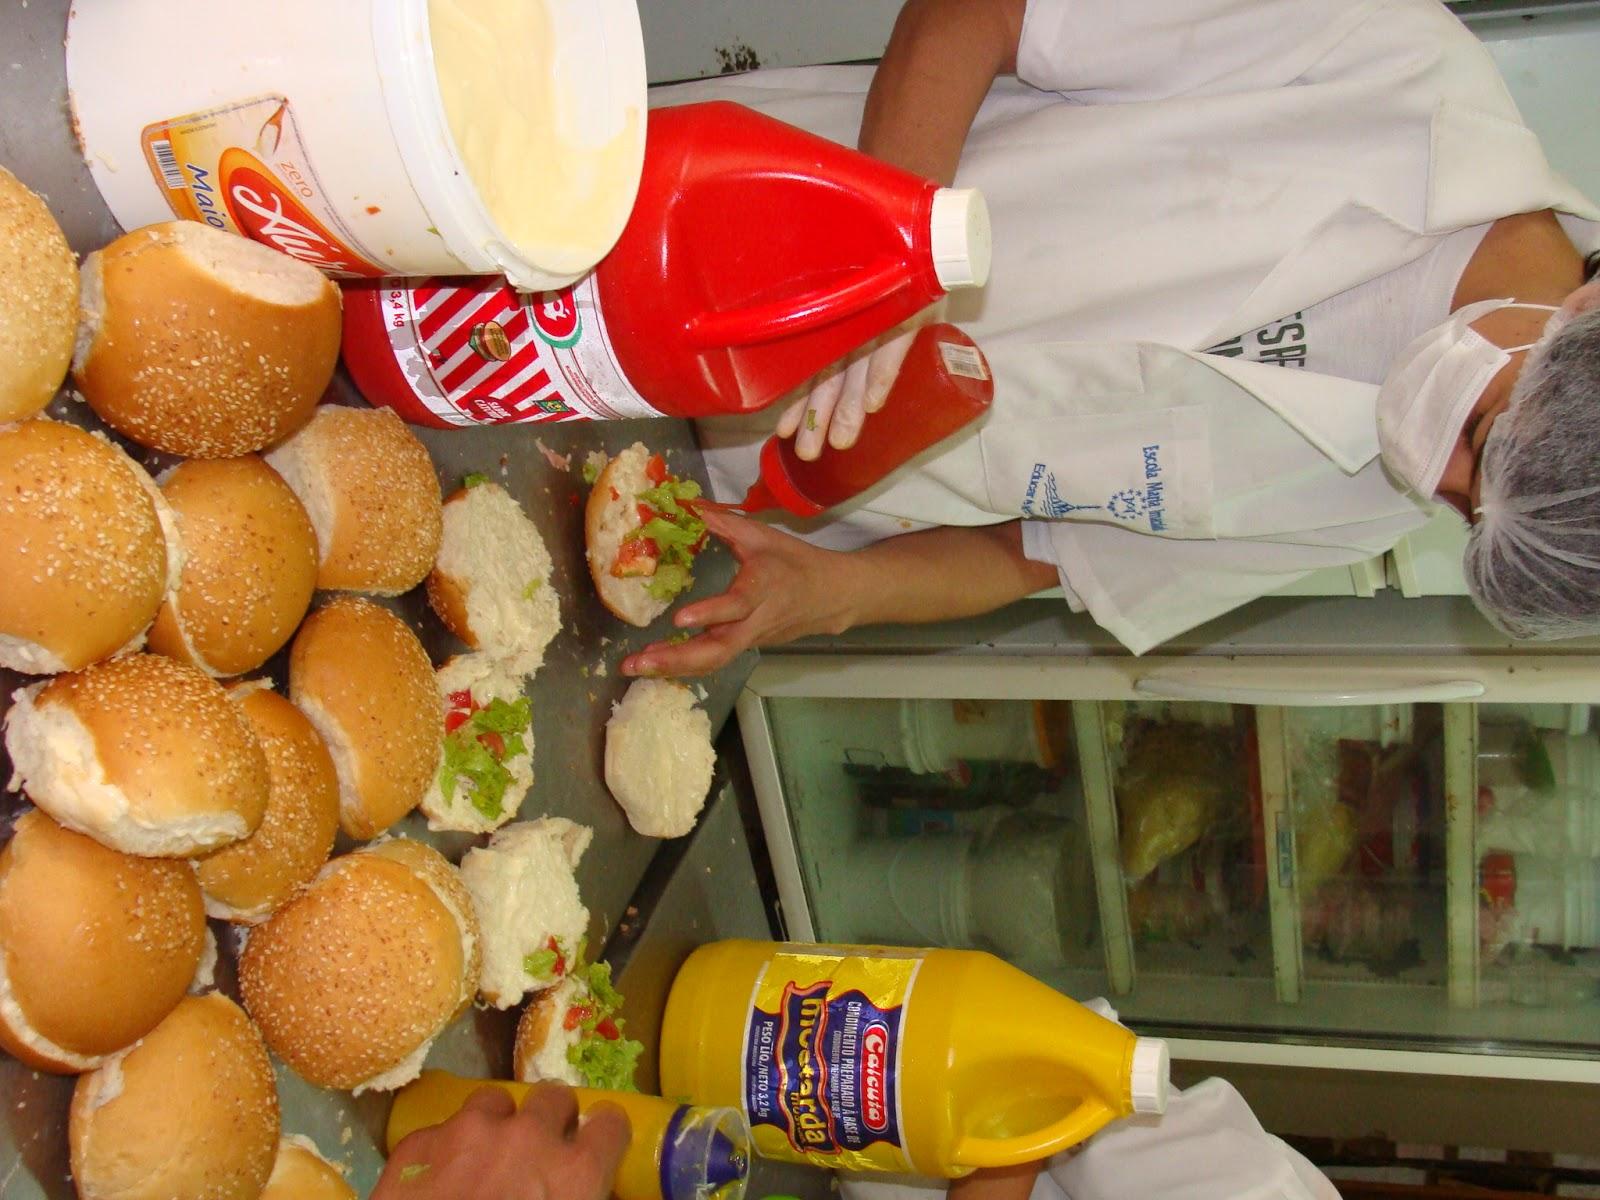 #BE120D Calábria meu futuro: Bateria sobre elaboração de hambúrguer 1600x1200 px Projeto Cozinha Confeitaria #2489 imagens